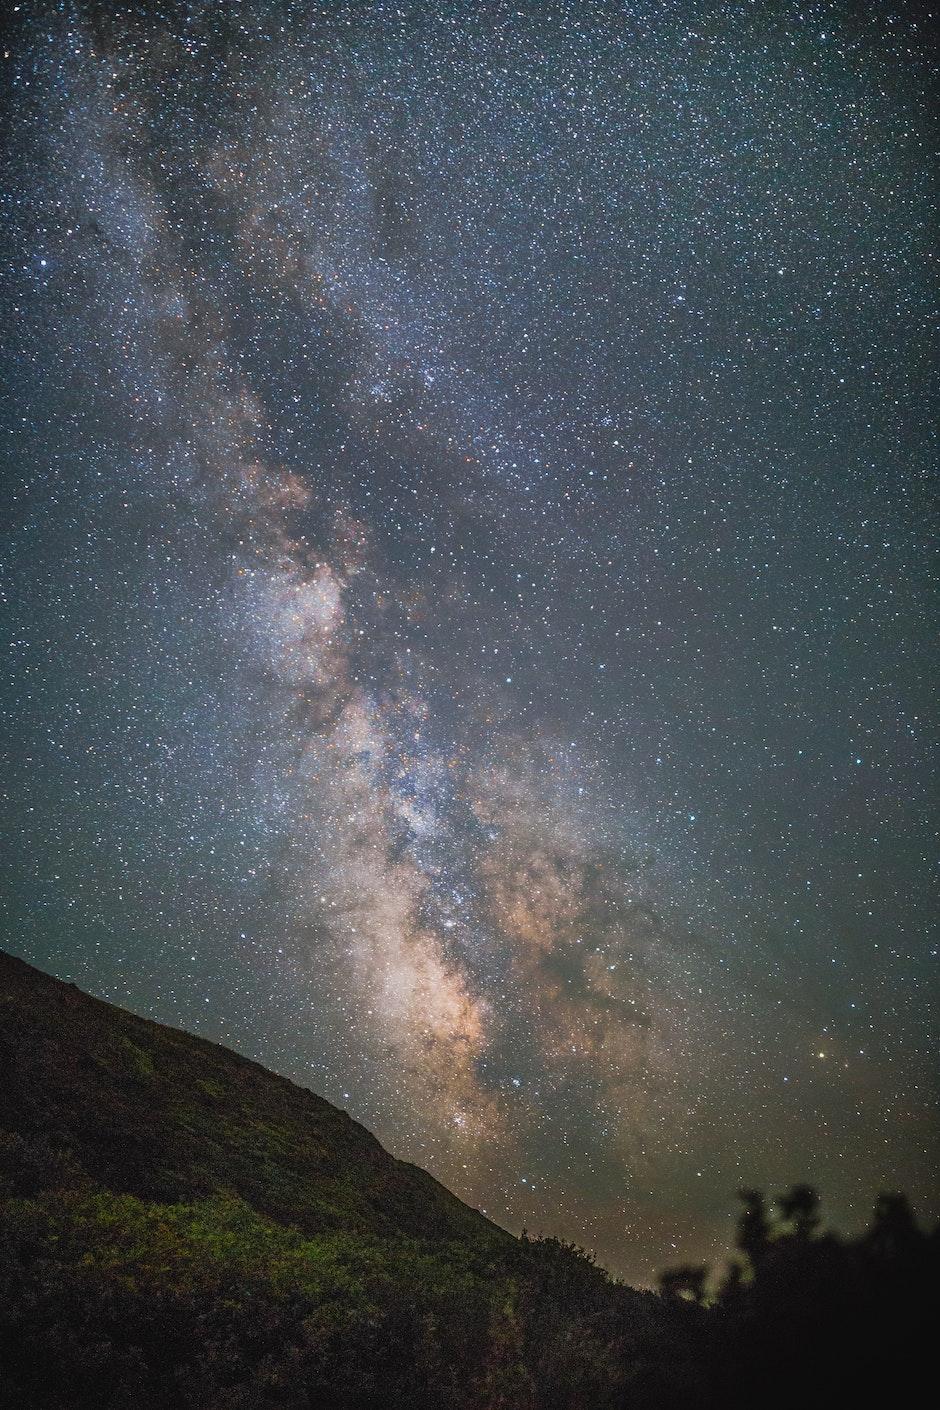 galaxy, milky way, night